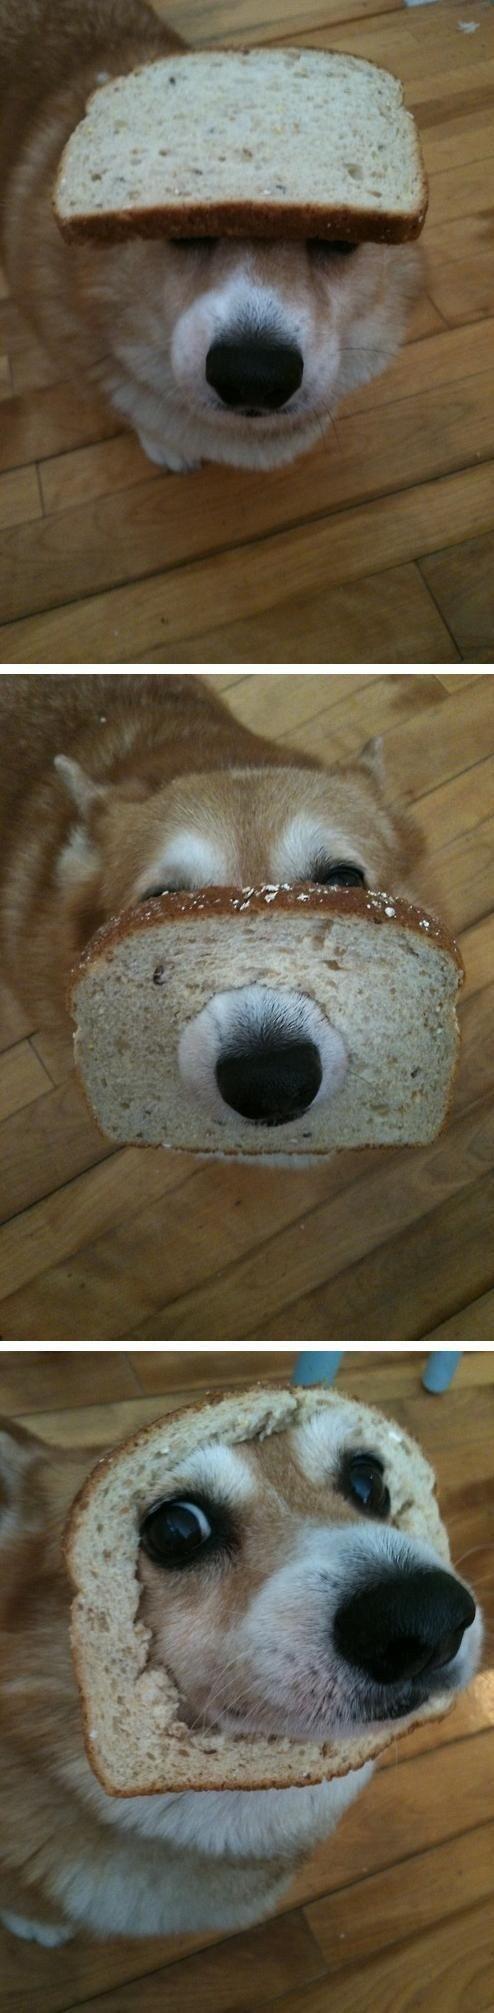 best cute images on pinterest funny stuff funny pics and ha ha